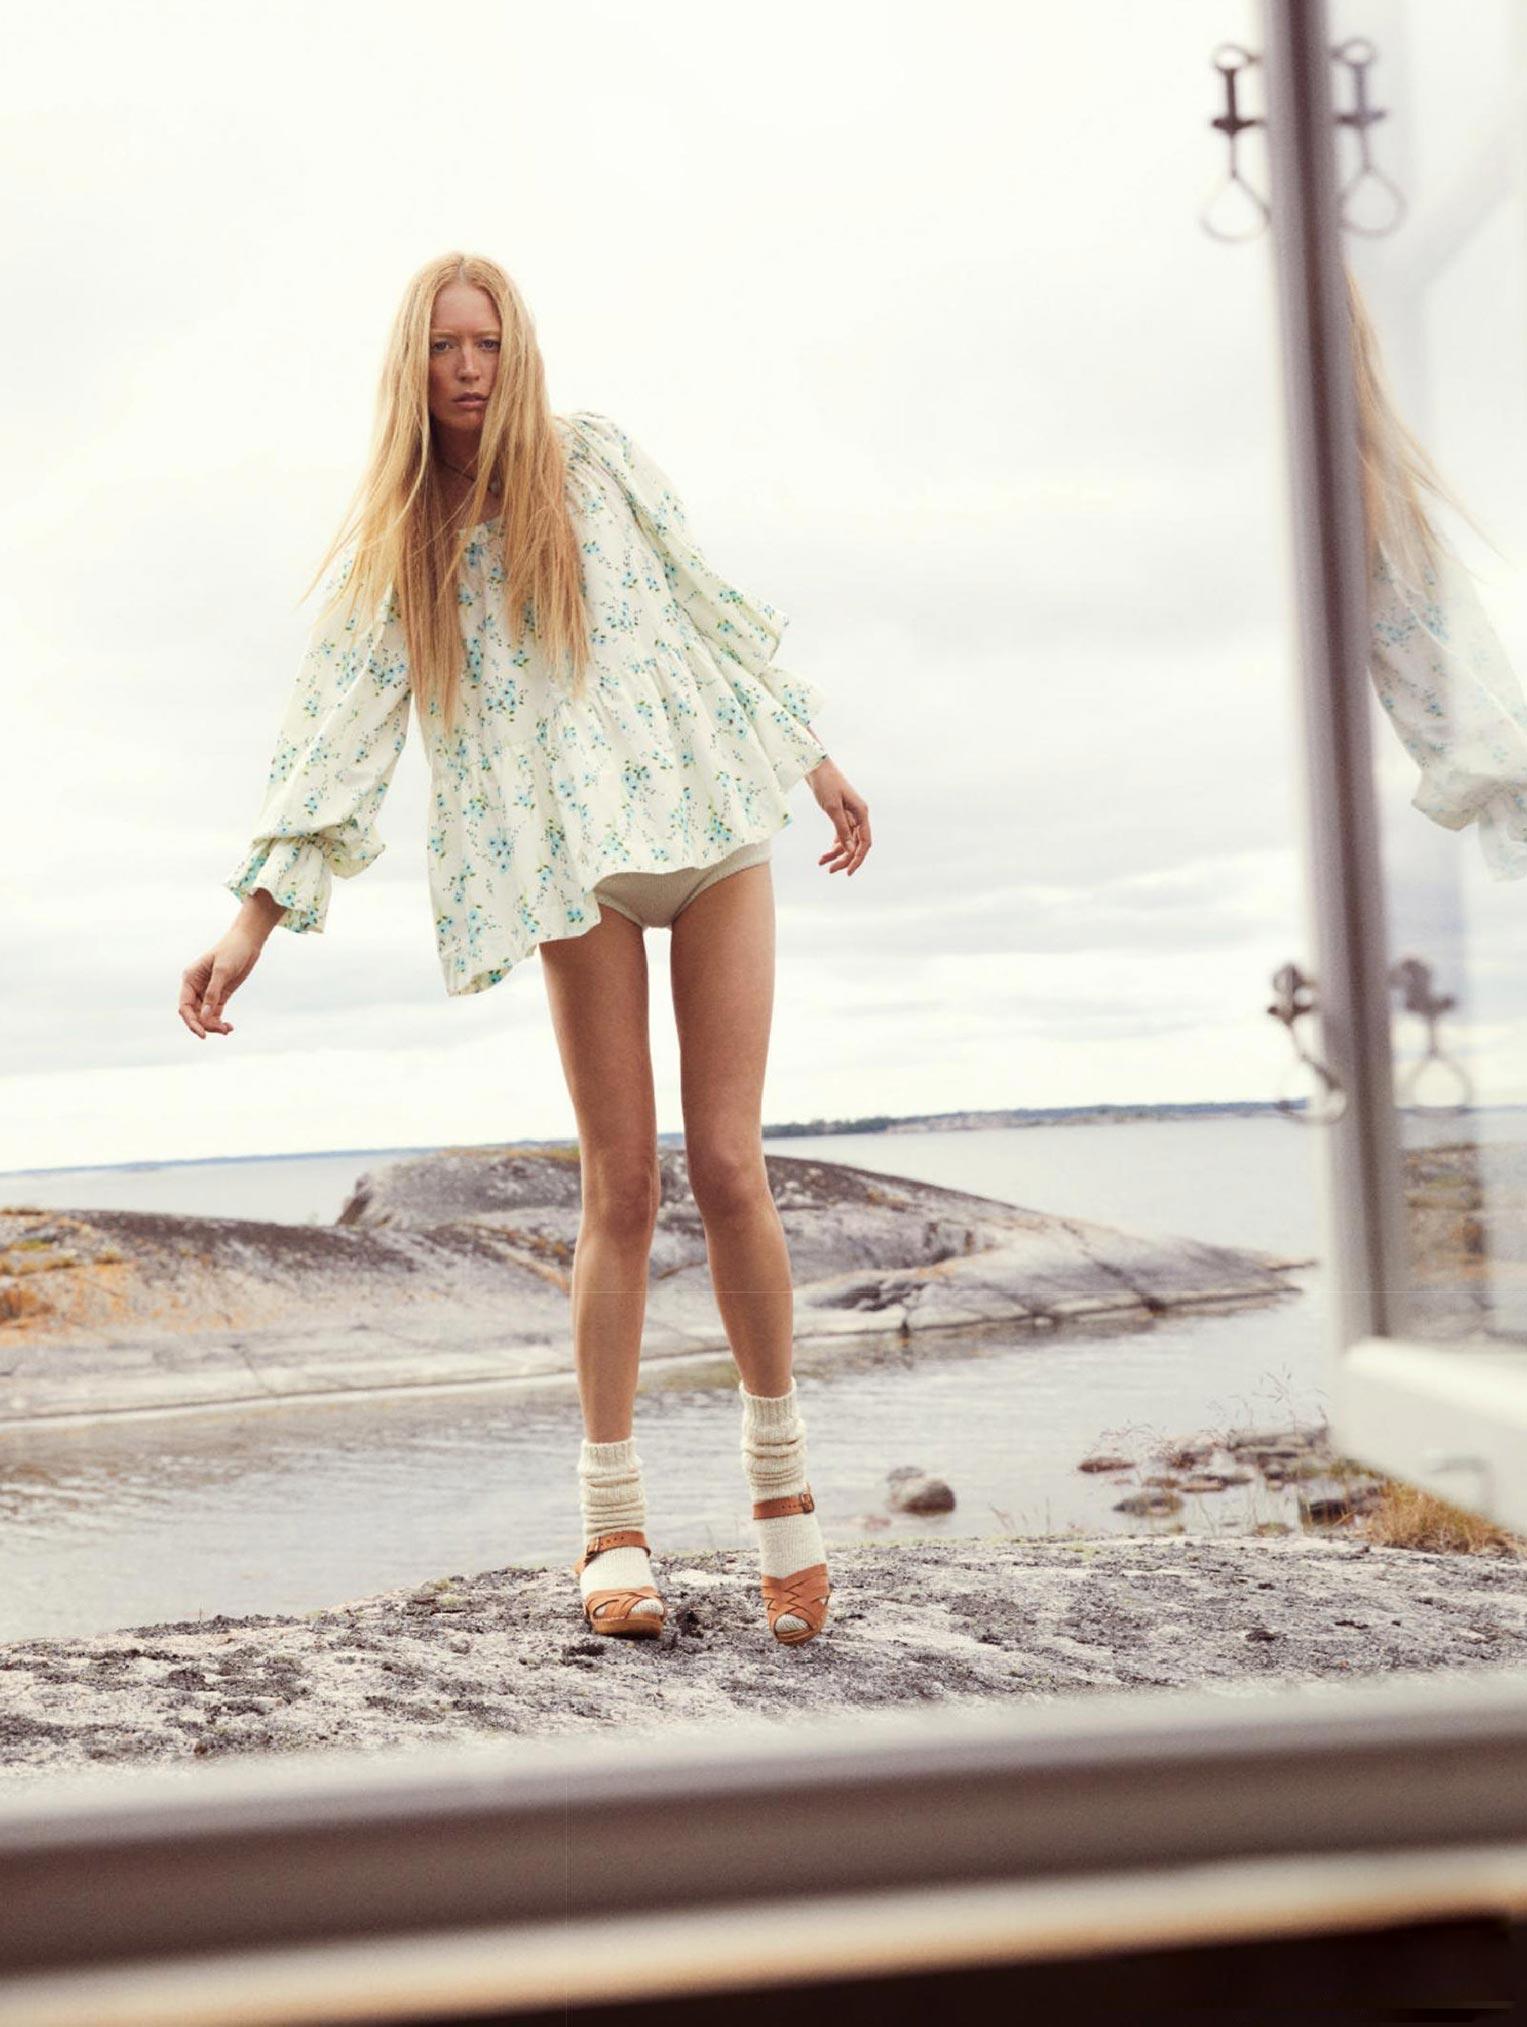 Бразильская модель в гостях у шведской - Эрика Линдер и Ракель Циммерман / фото 08